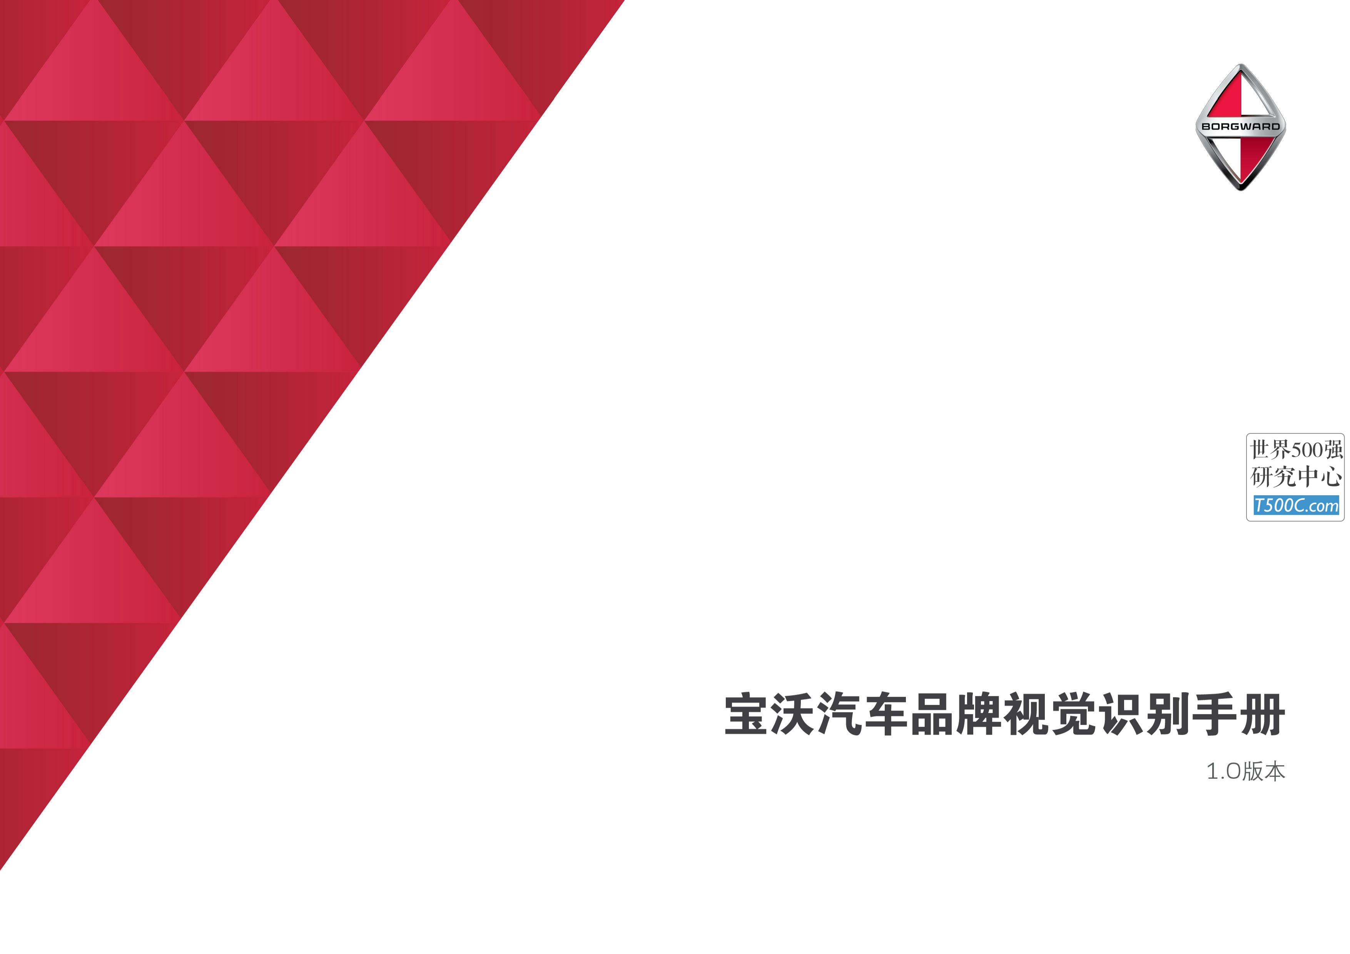 宝沃汽车_品牌形象手册_t500c.com_品牌视觉识别手册